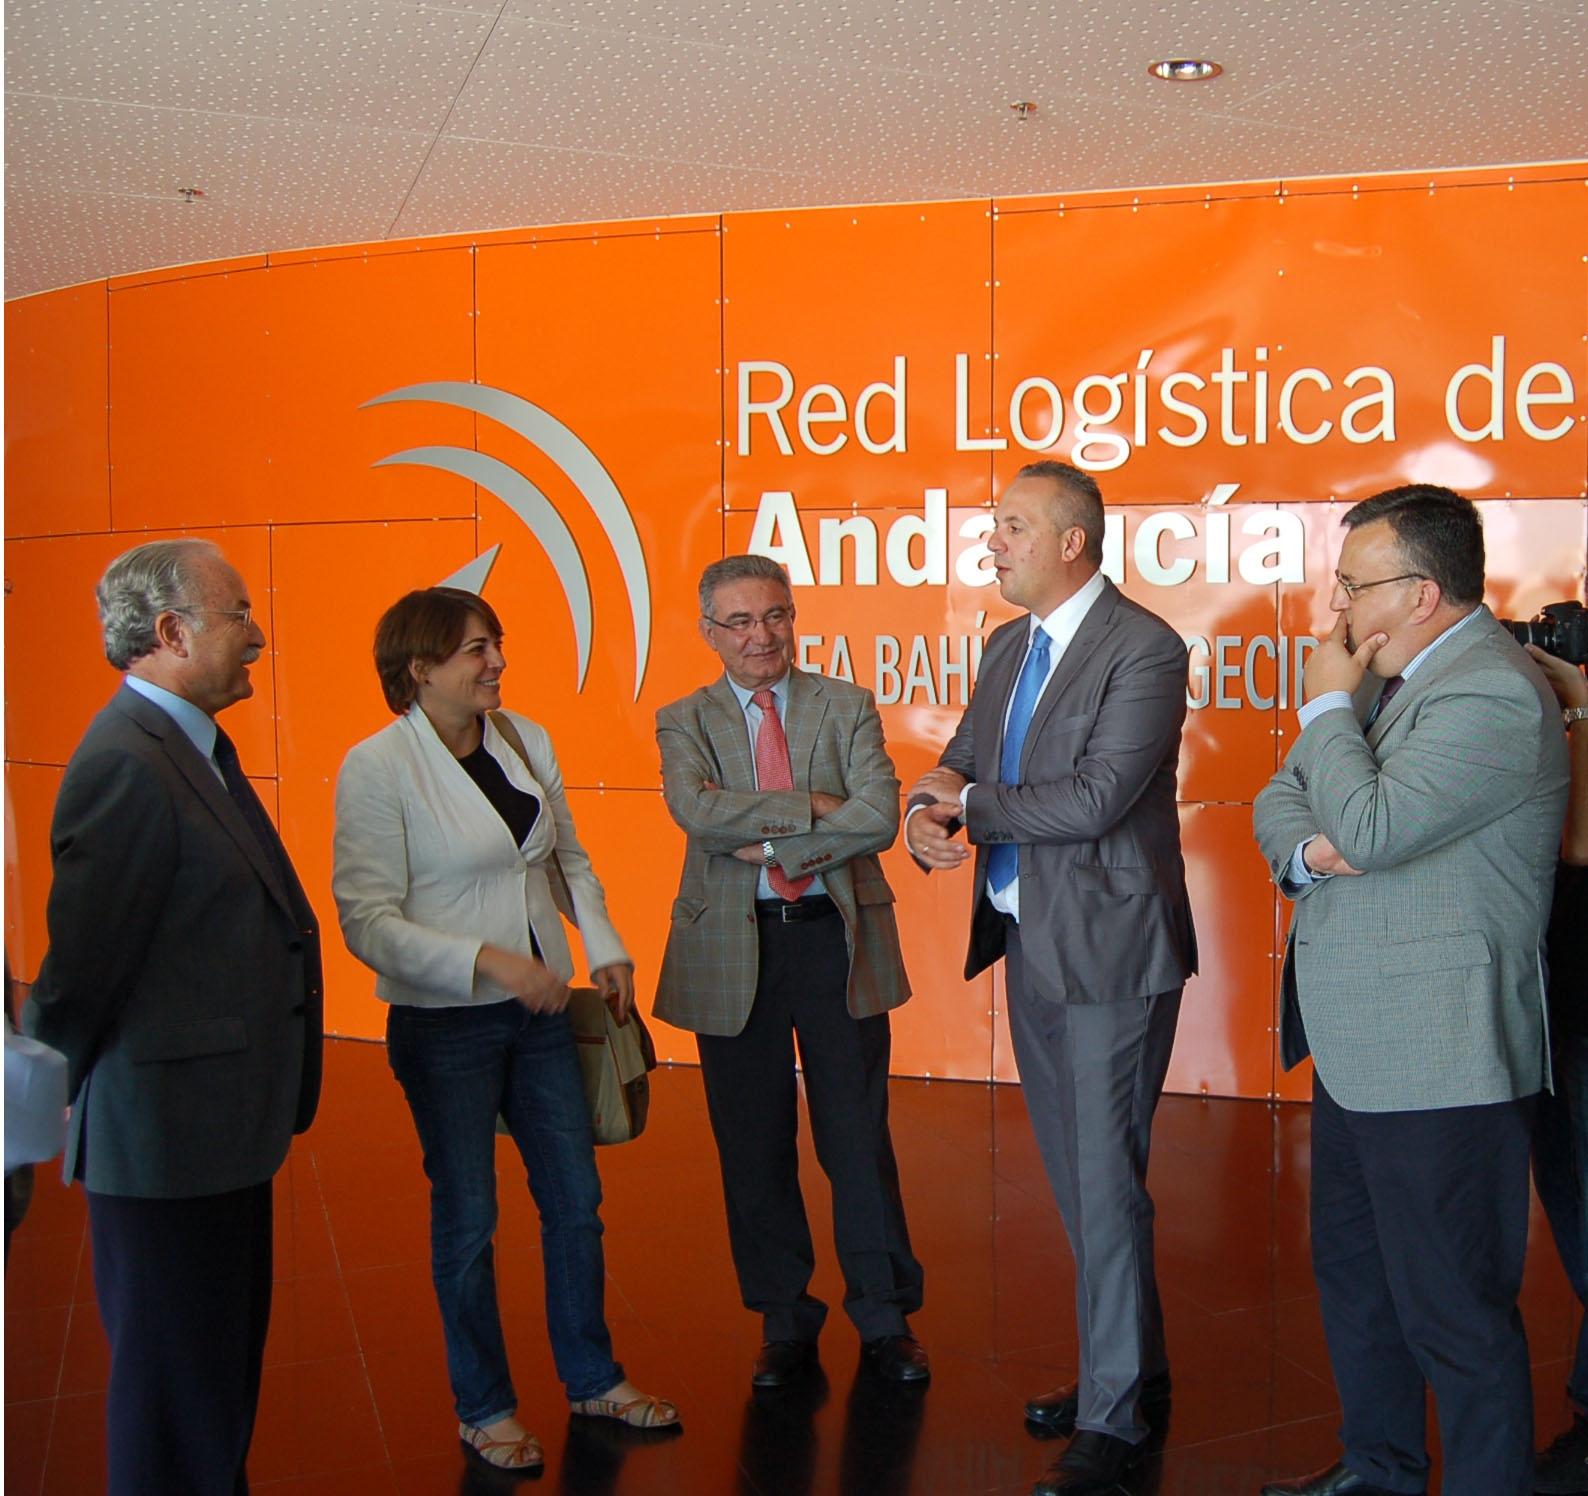 EL SECTOR 2 DEL ÁREA LOGÍSTICA DE LA BAHIA DE ALGECIRAS COMENZARÁ A FUNCIONAR EN DICIEMBRE TRAS UNA INVERSIÓN DE 25 MILLONES